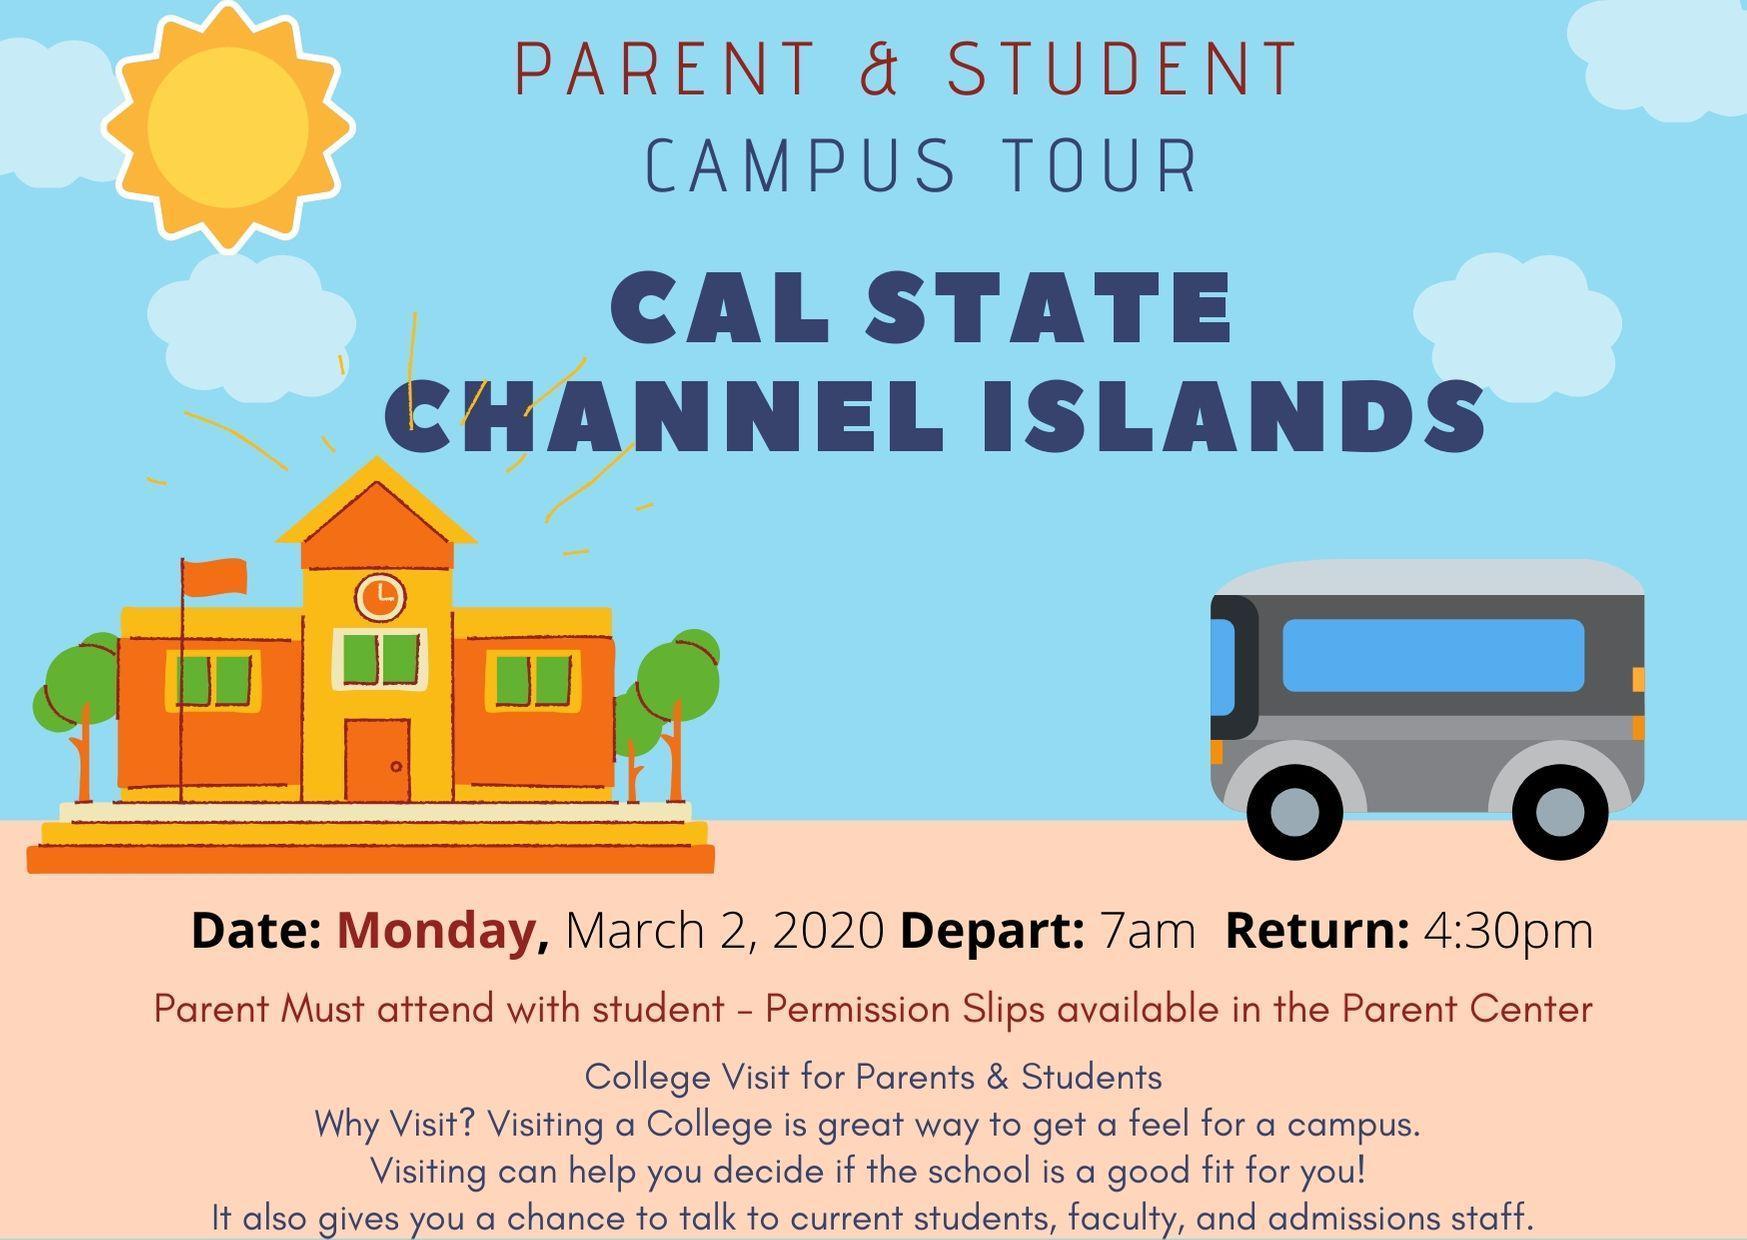 CSUCI Parent & Student College Campus Tour